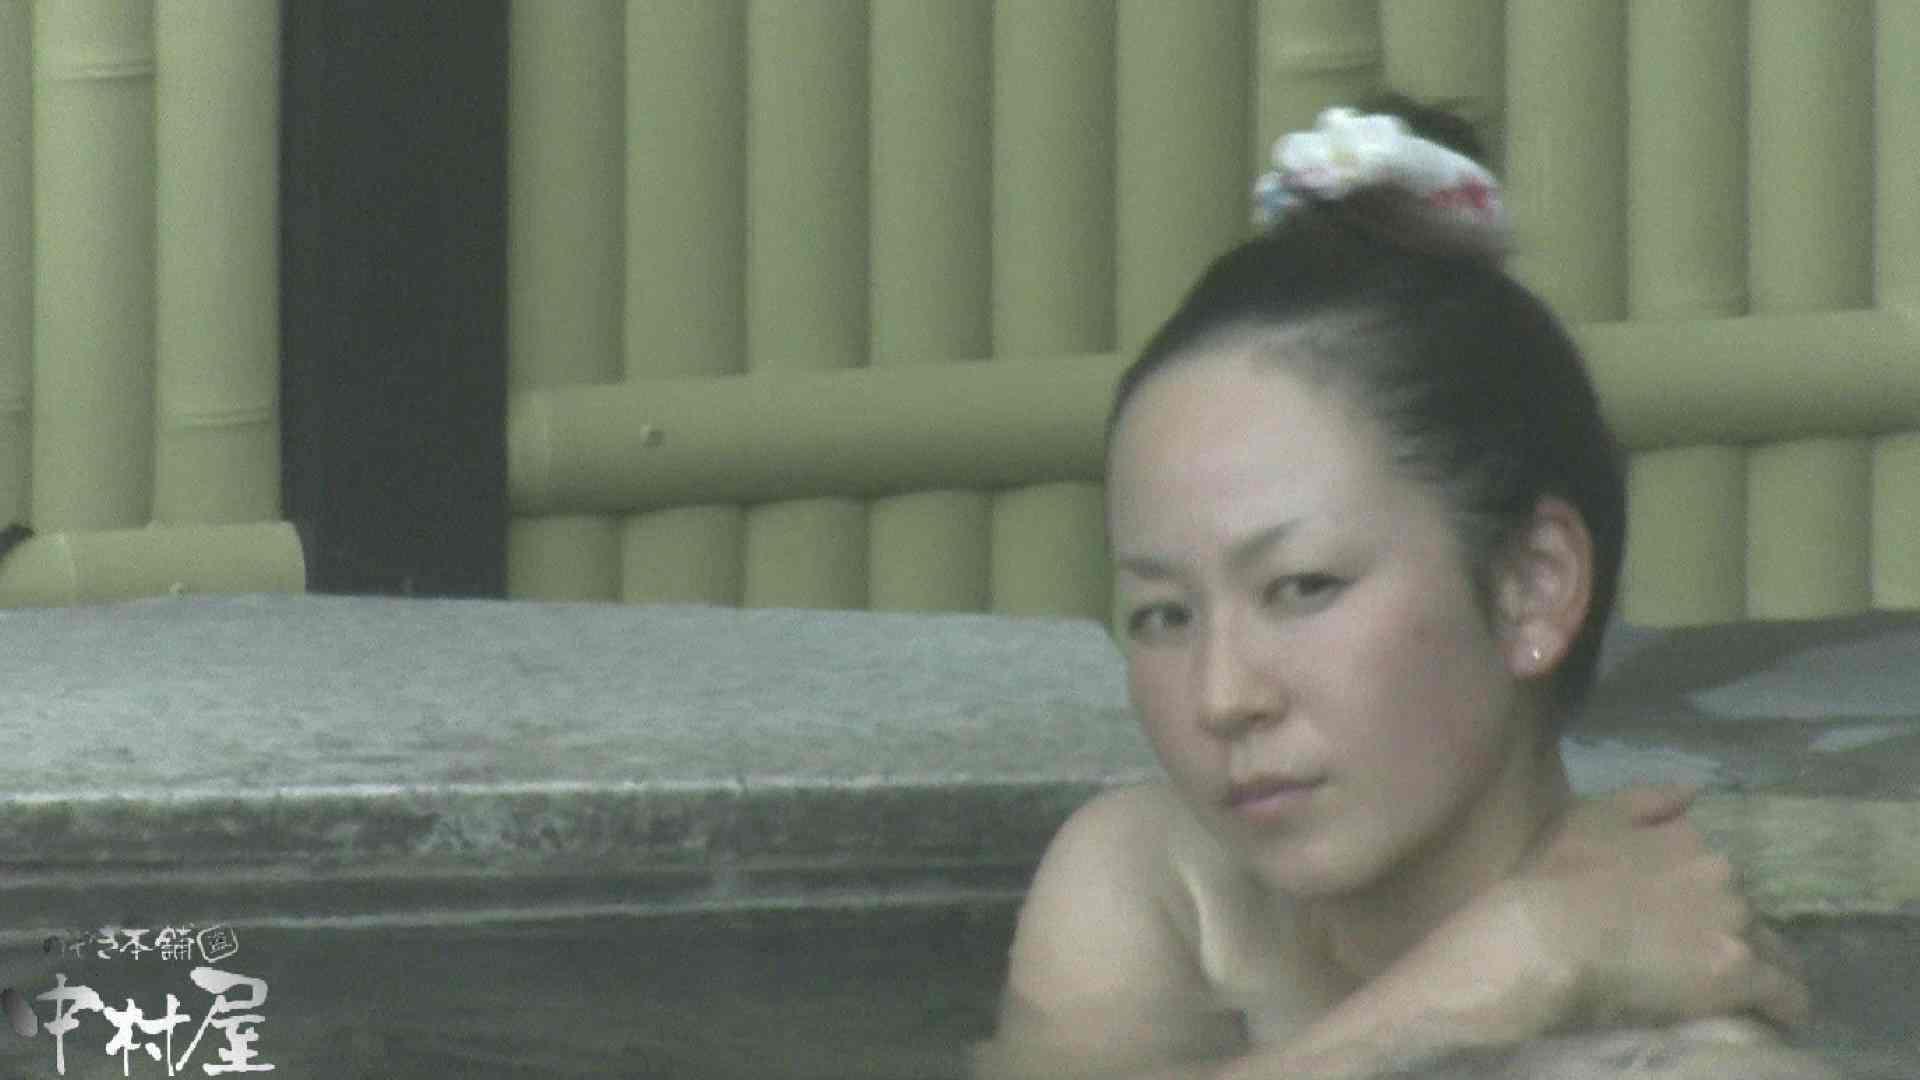 Aquaな露天風呂Vol.911 露天  107画像 81